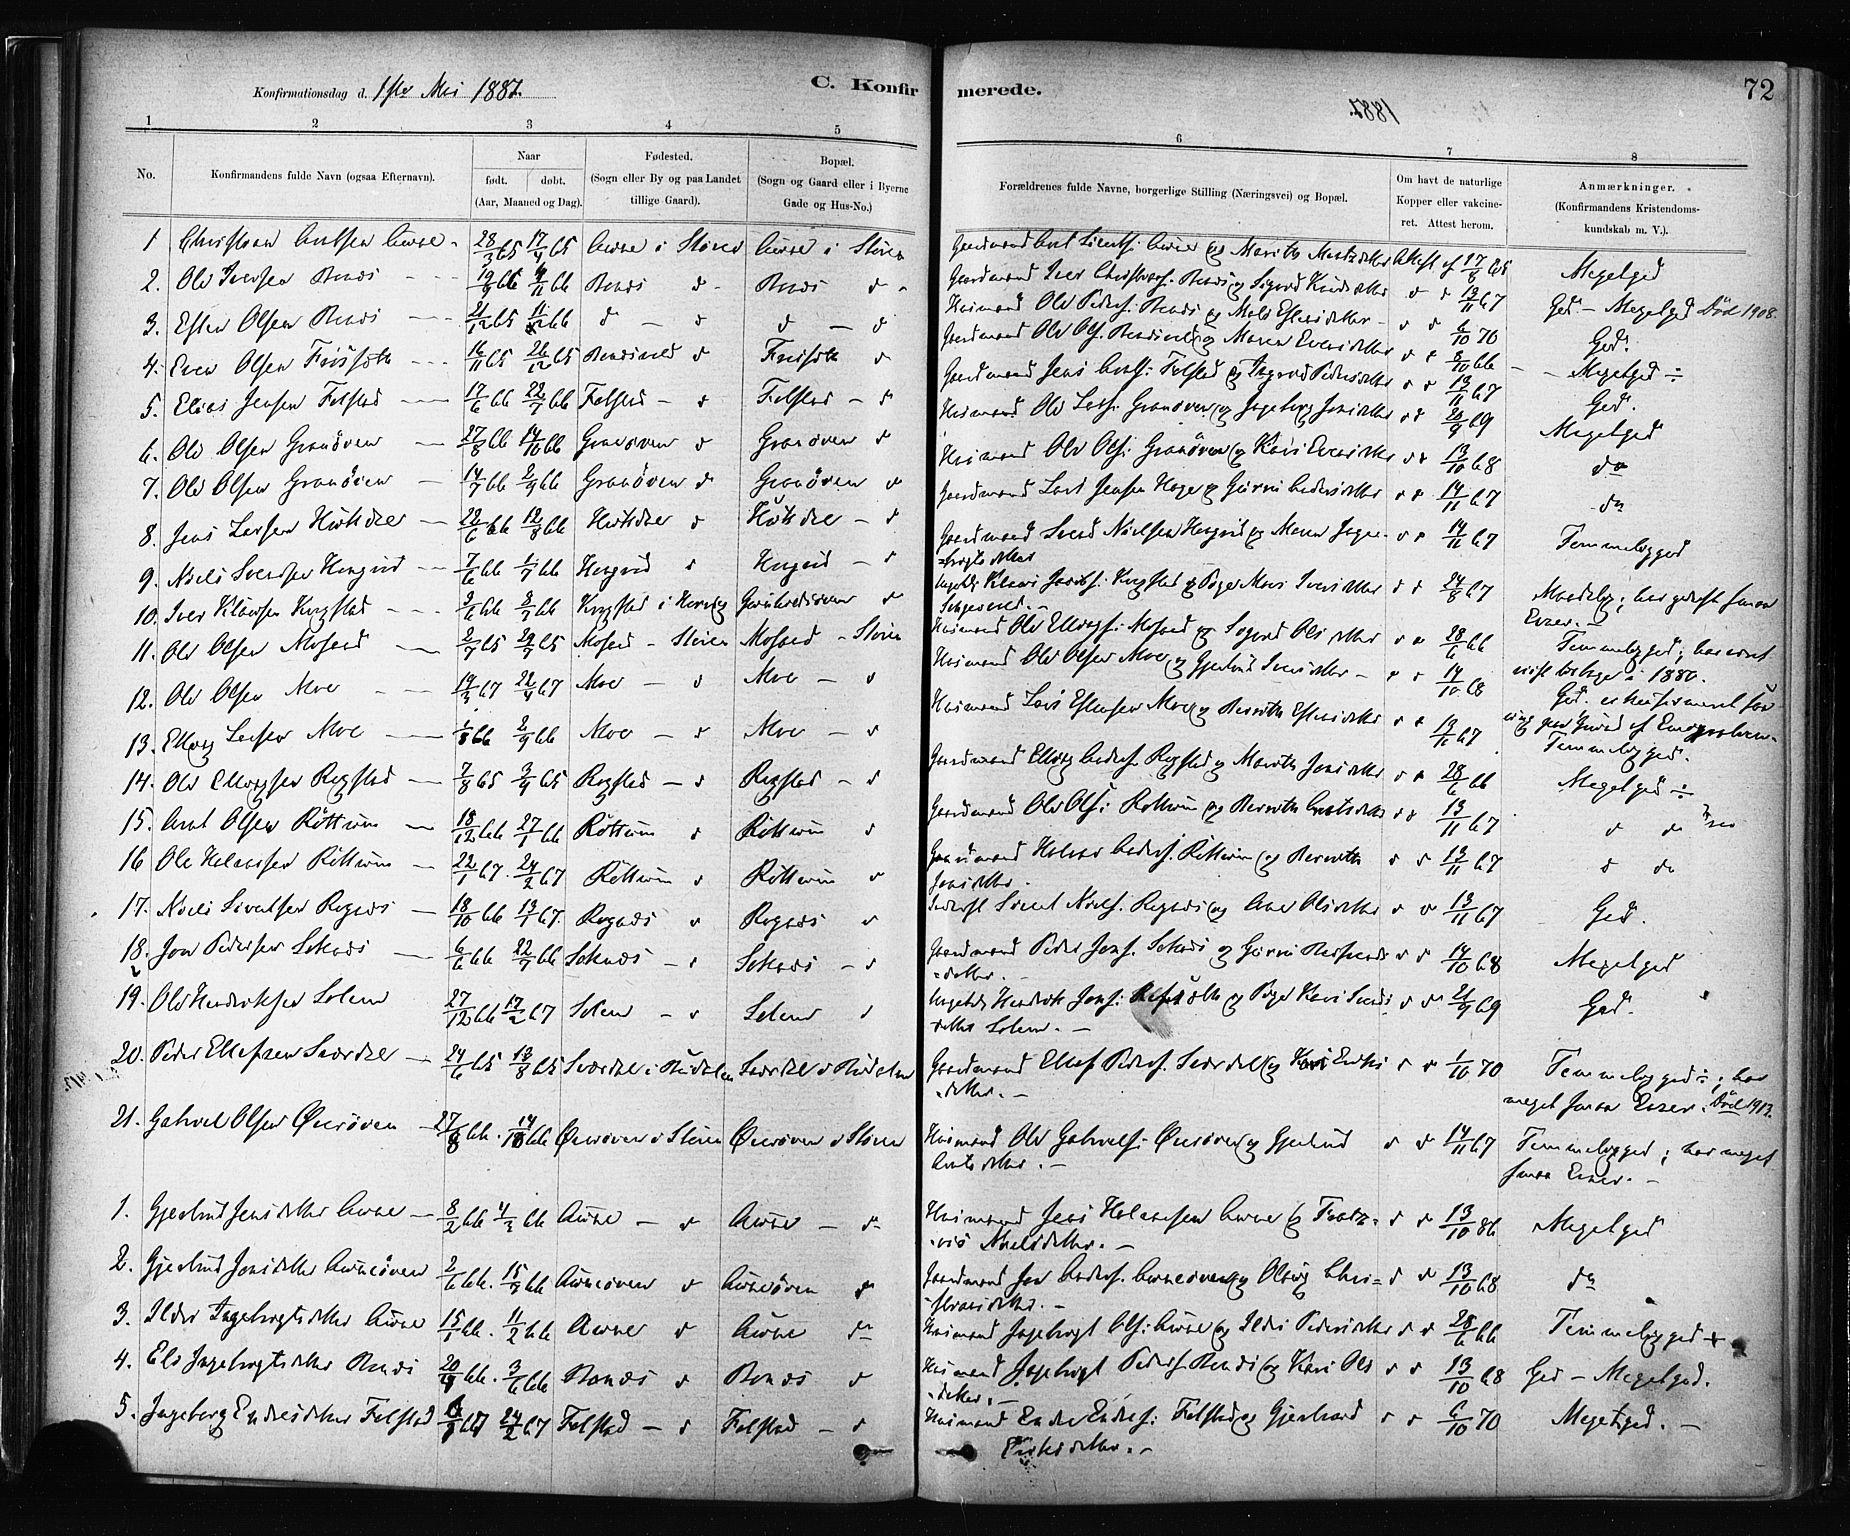 SAT, Ministerialprotokoller, klokkerbøker og fødselsregistre - Sør-Trøndelag, 687/L1002: Ministerialbok nr. 687A08, 1878-1890, s. 72